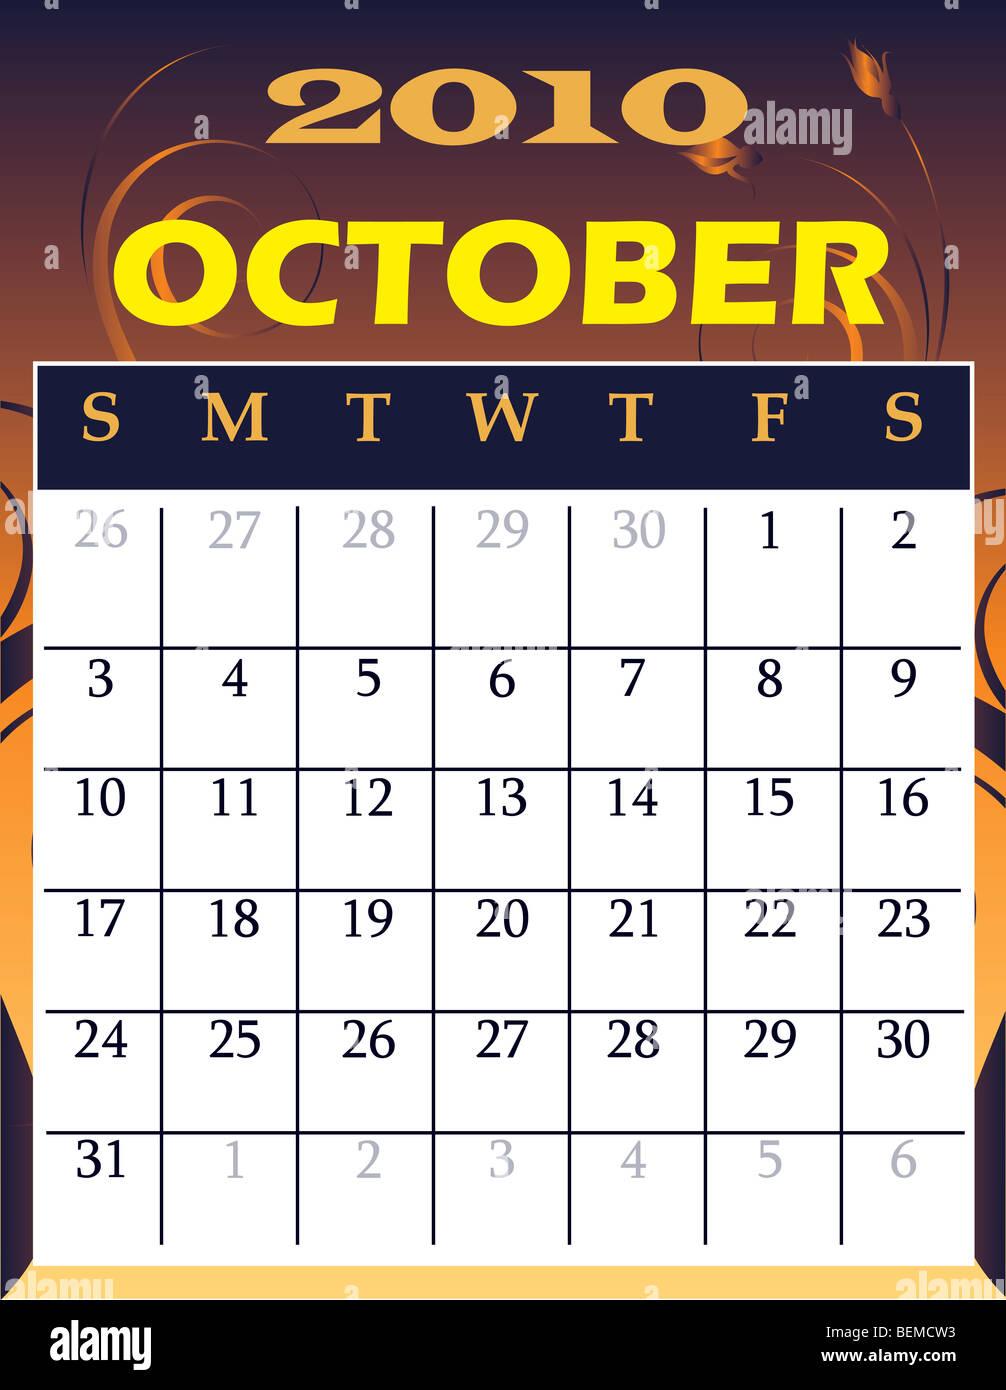 October - October 2018 Calendar Transparent Background Transparent PNG -  1201x1448 - Free Download on NicePNG